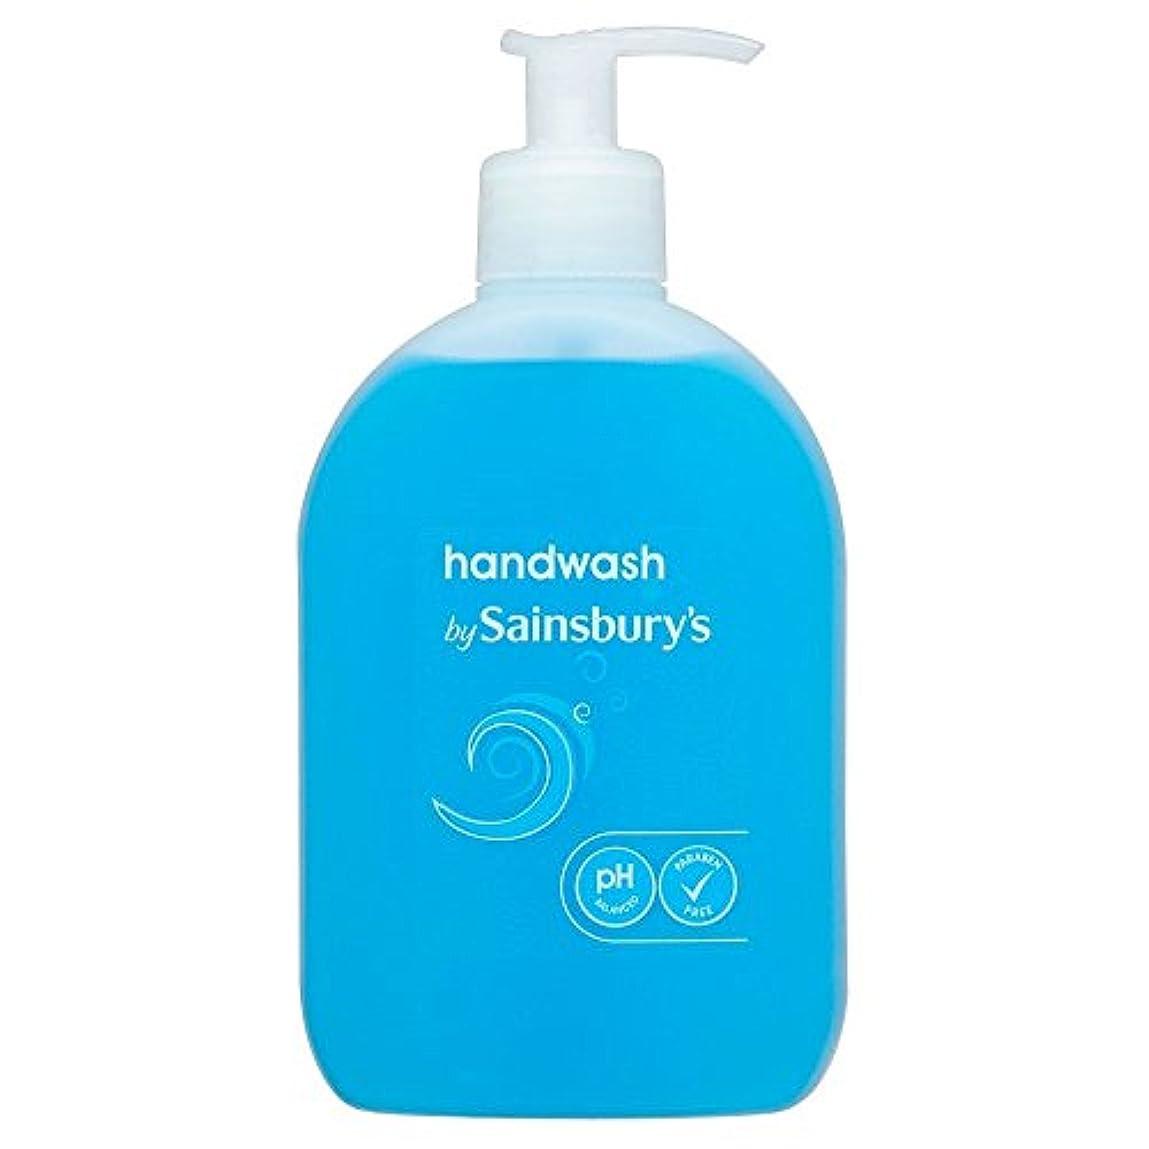 非効率的な懲戒の面ではSainsbury's Handwash, Blue 500ml - (Sainsbury's) 手洗い、青500ミリリットル [並行輸入品]